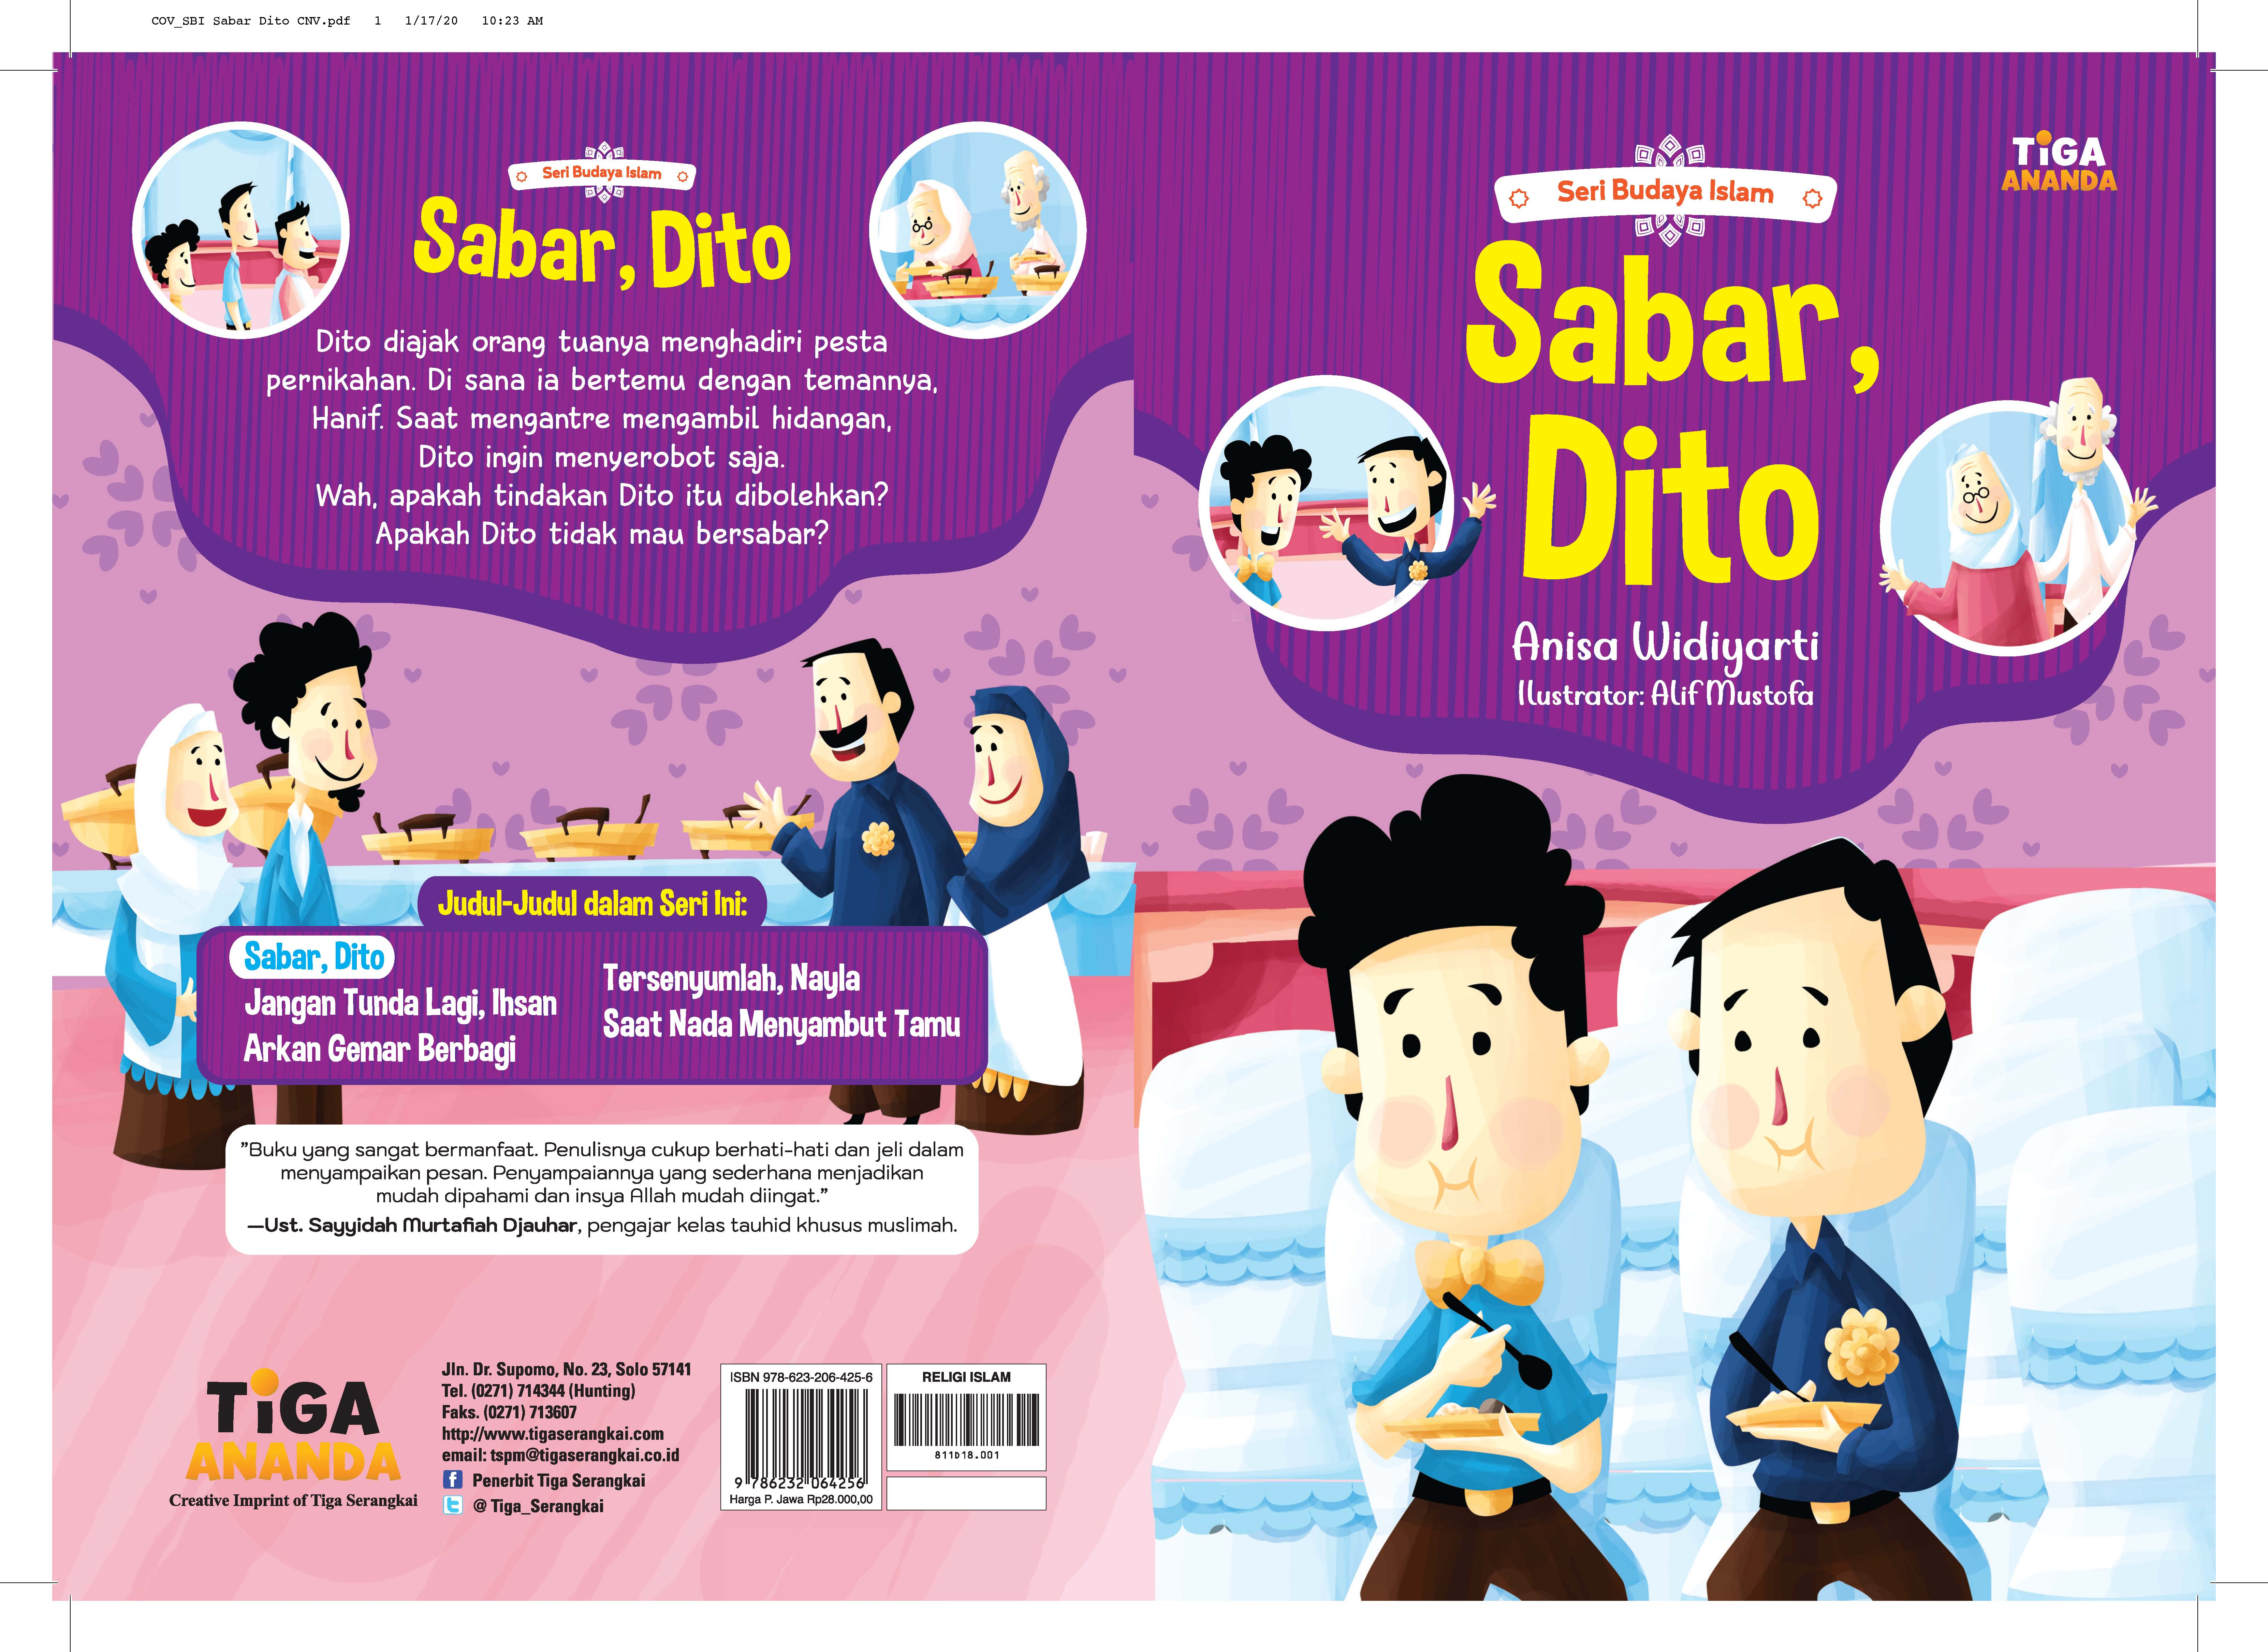 Sabar, Dito [sumber elektronis]